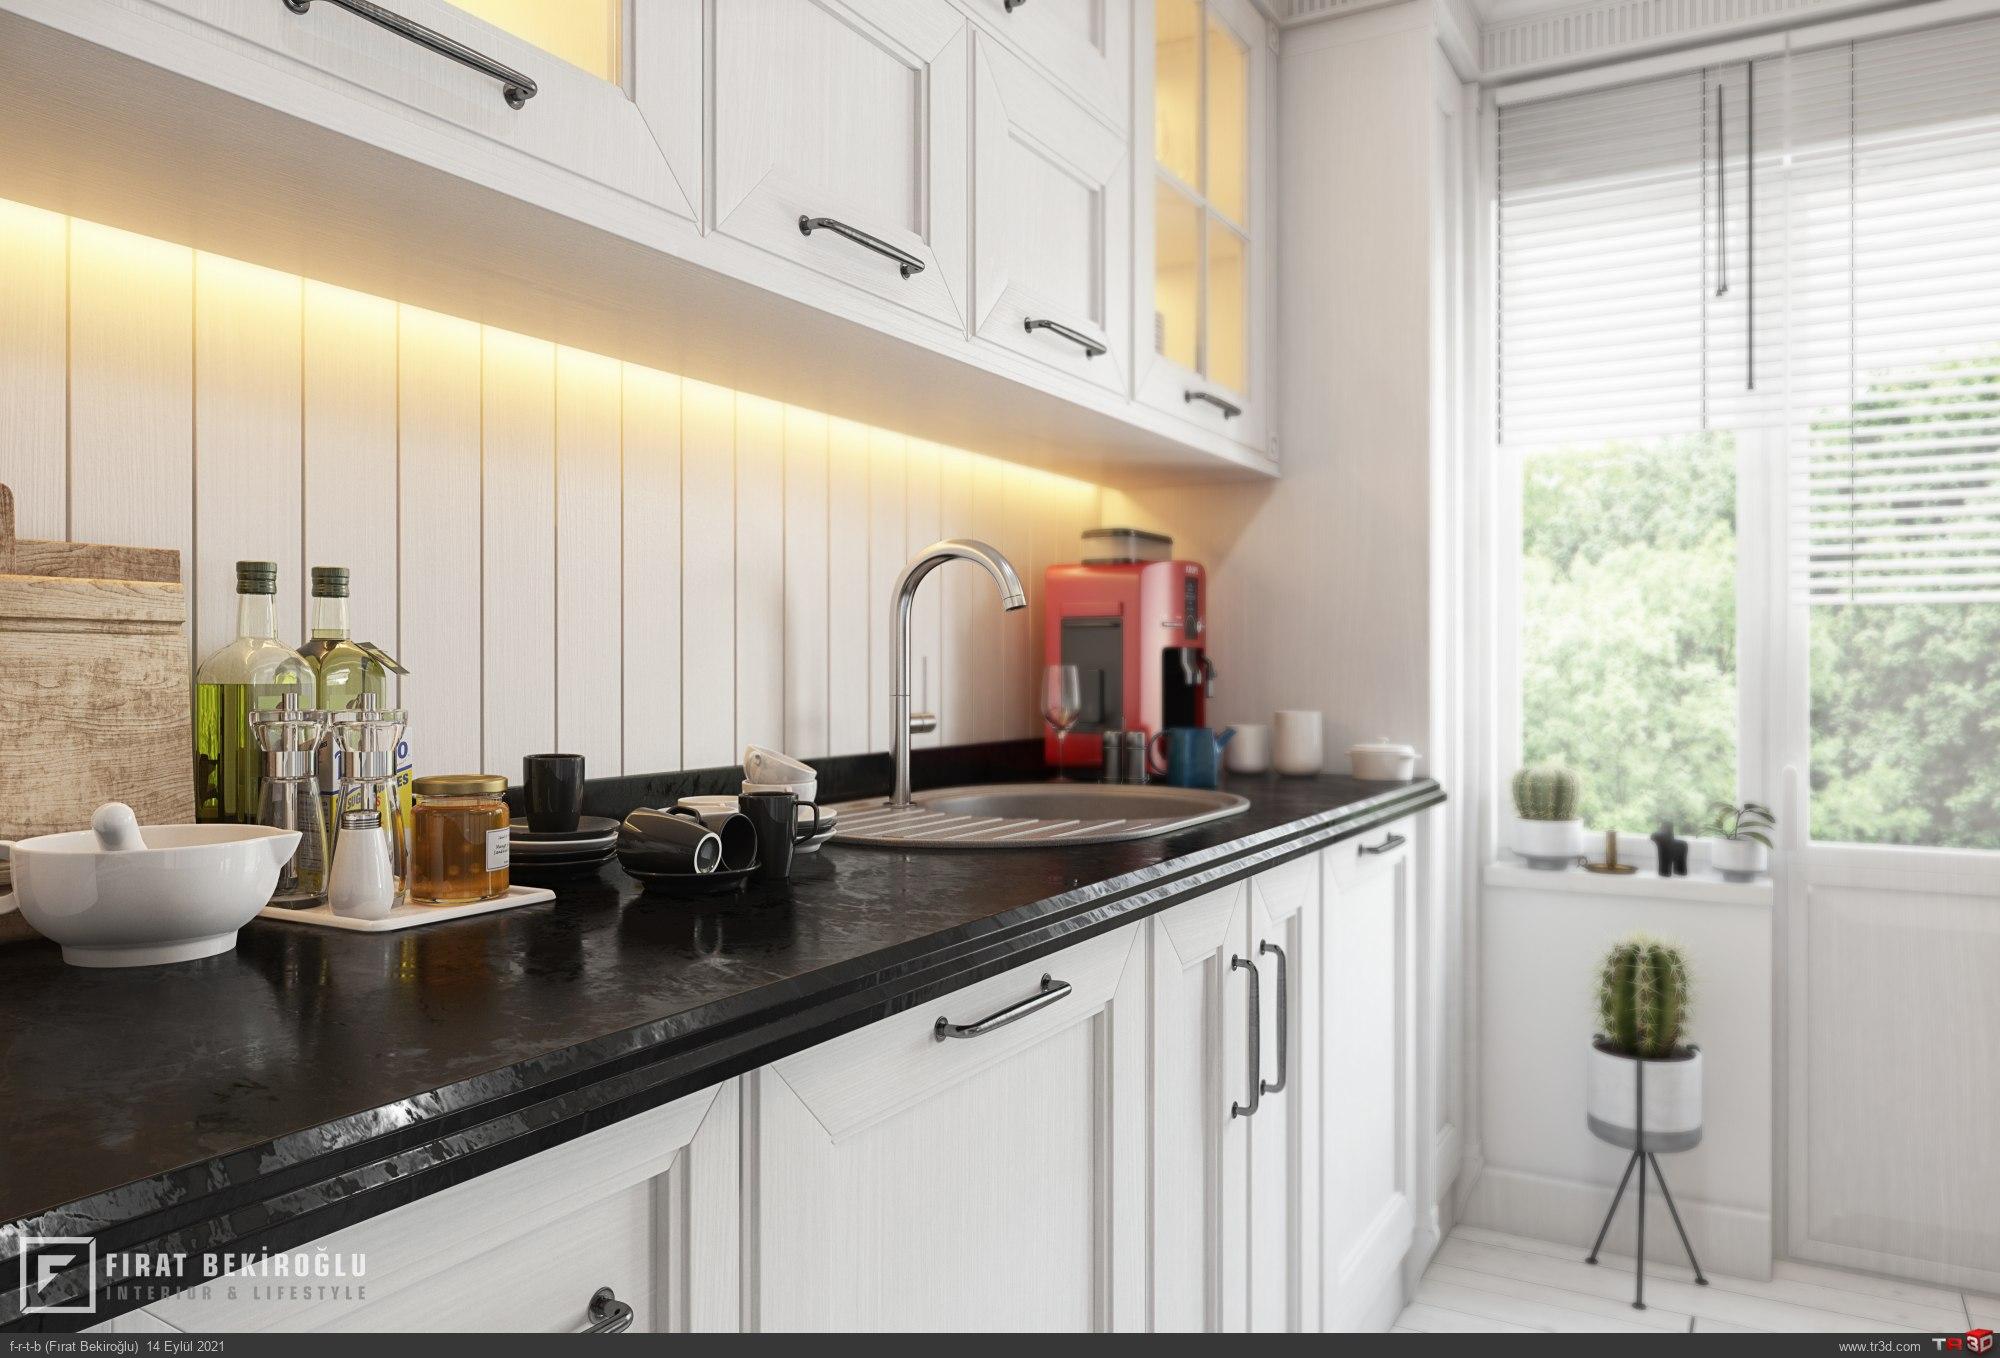 Ofis Mutfak Tasarımı 2